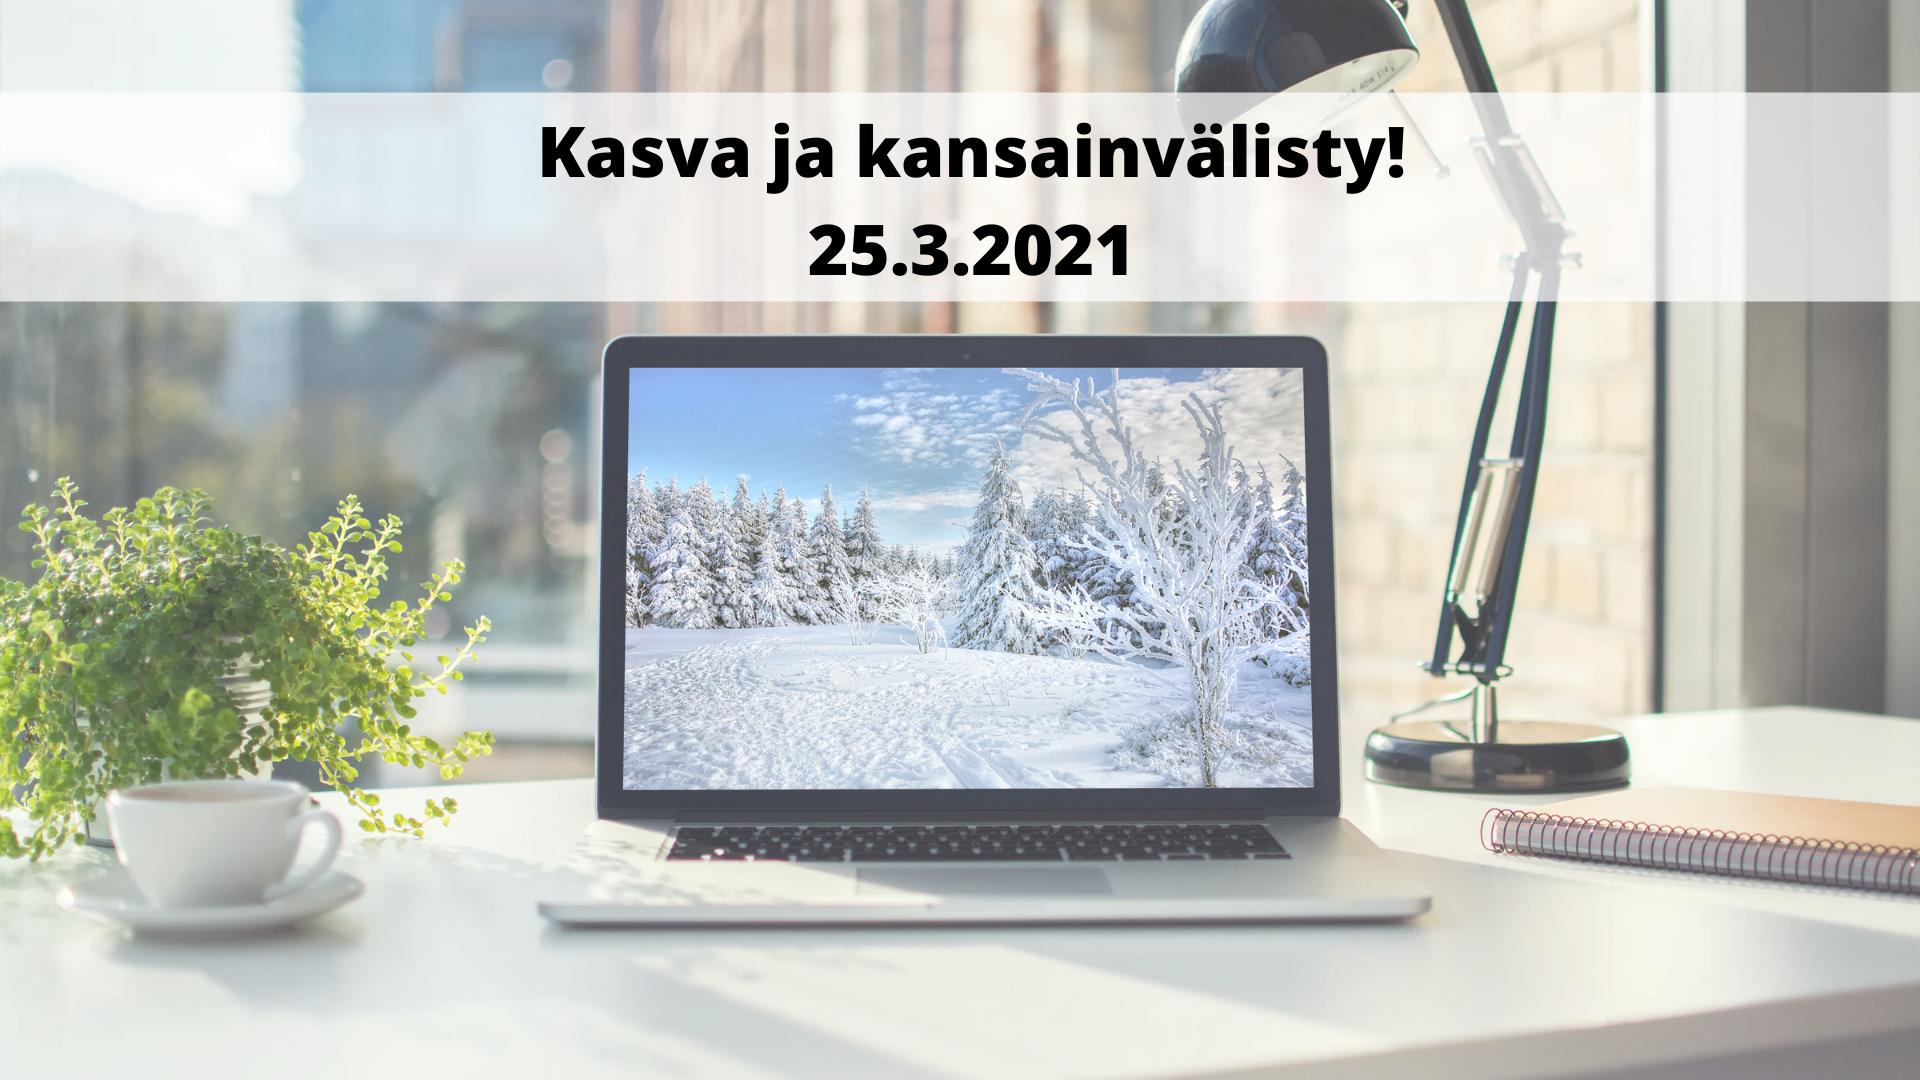 Kasva ja kansainvälisty -virtuaalitapahtuma 25.3.2021.